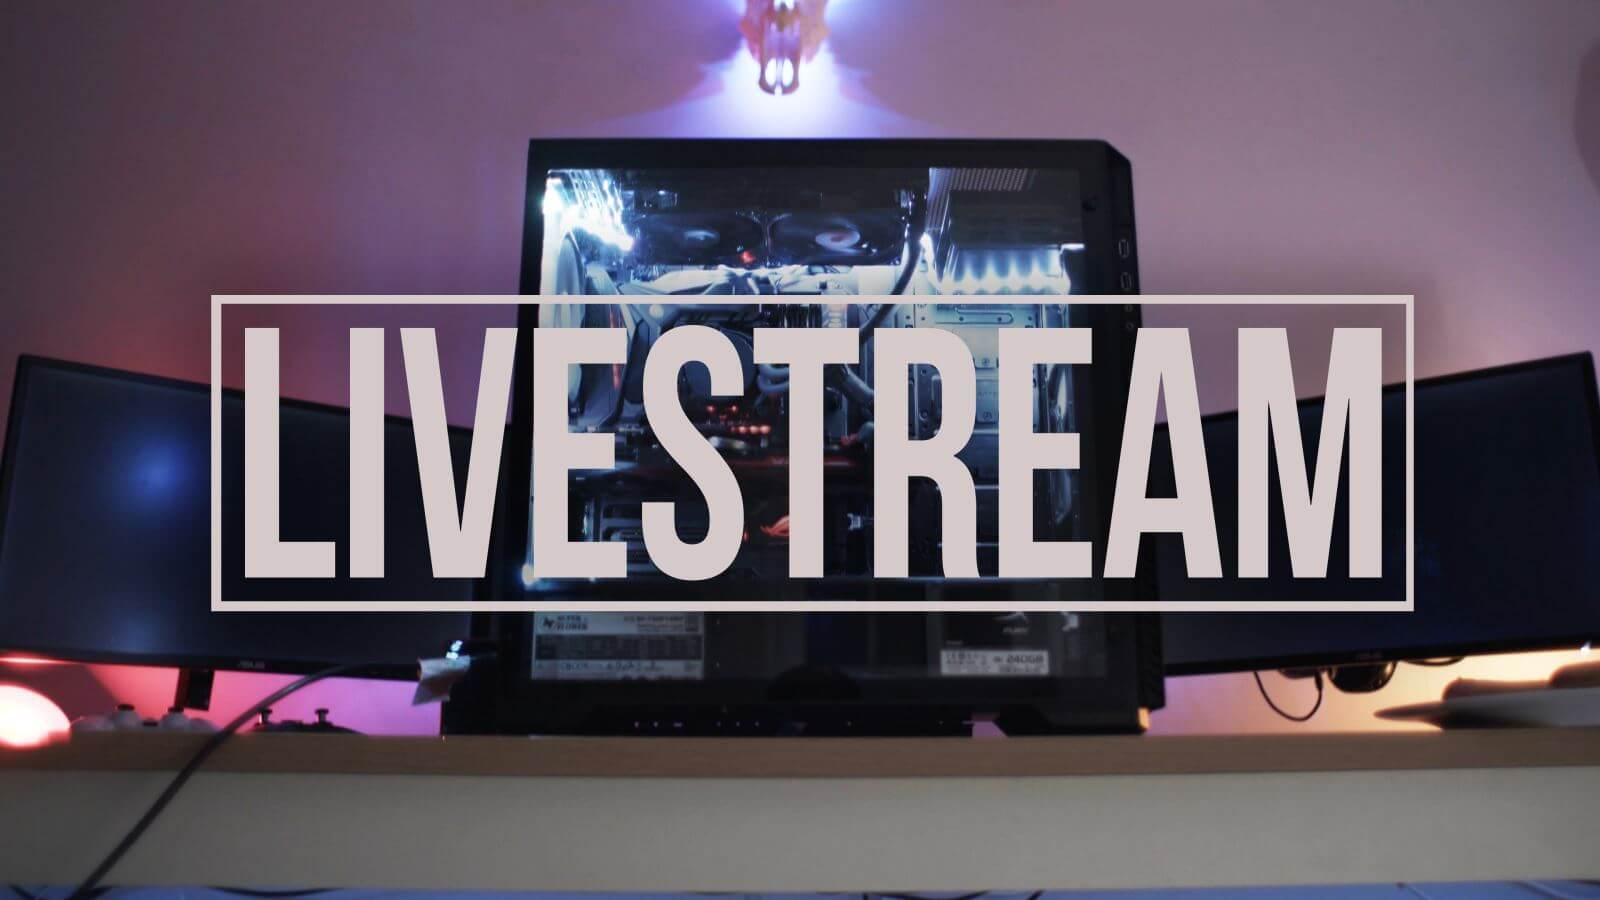 xu hướng livestream